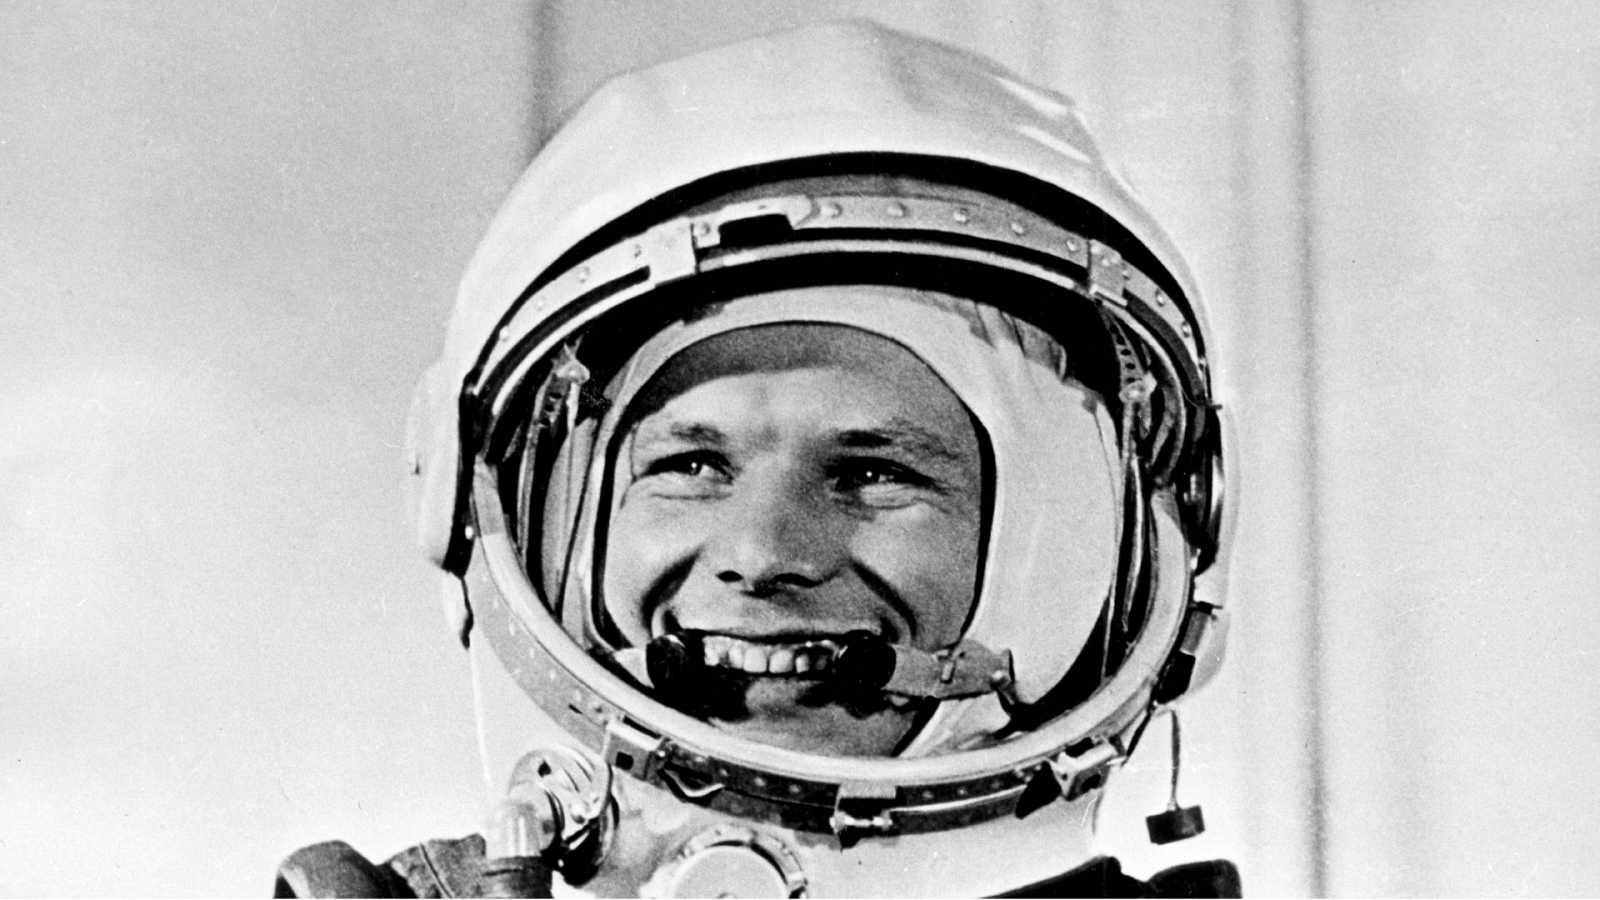 Las mañanas de RNE con Íñigo Alfonso - 60 años de la hazaña de Yuri Gagarin, el primer ser humano que viajó al espacio - Escuchar ahora